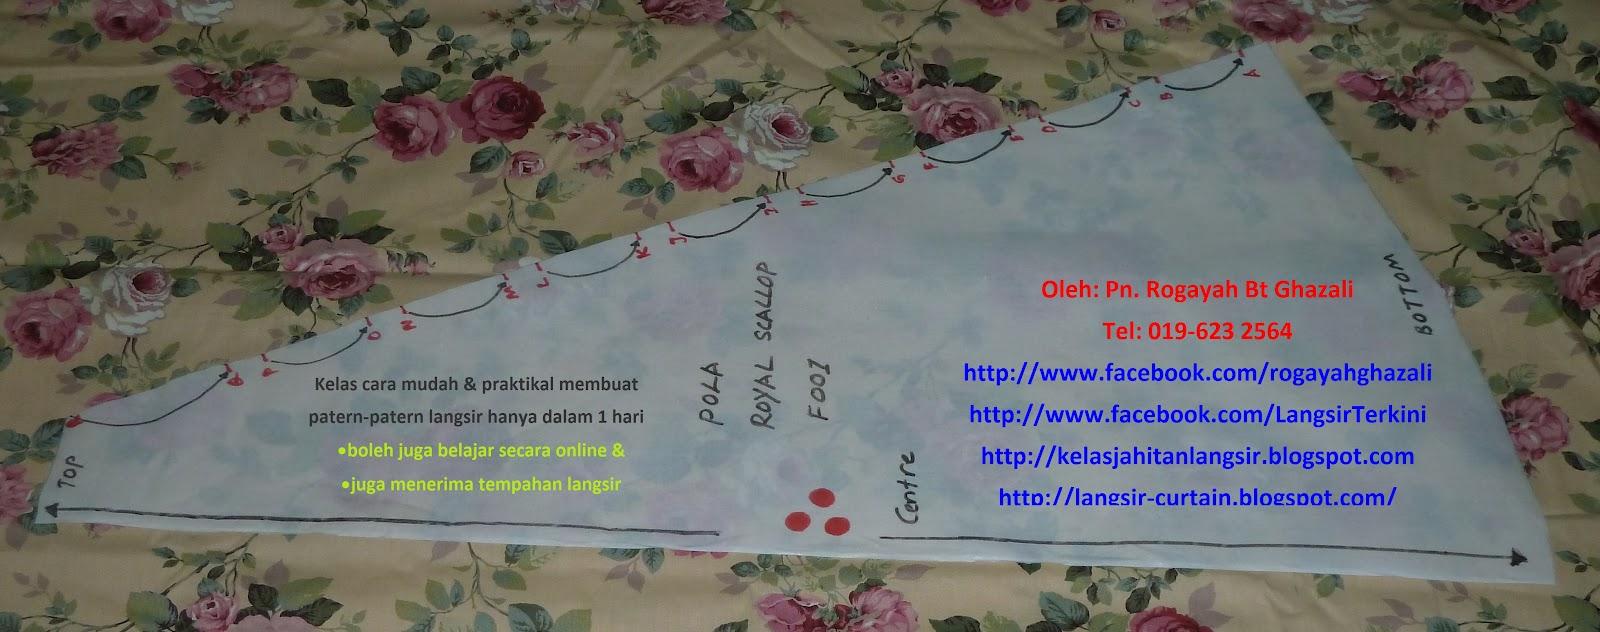 lebih banyak lagi pola, Sila klik di sini Aneka Pola Langsir Terkini